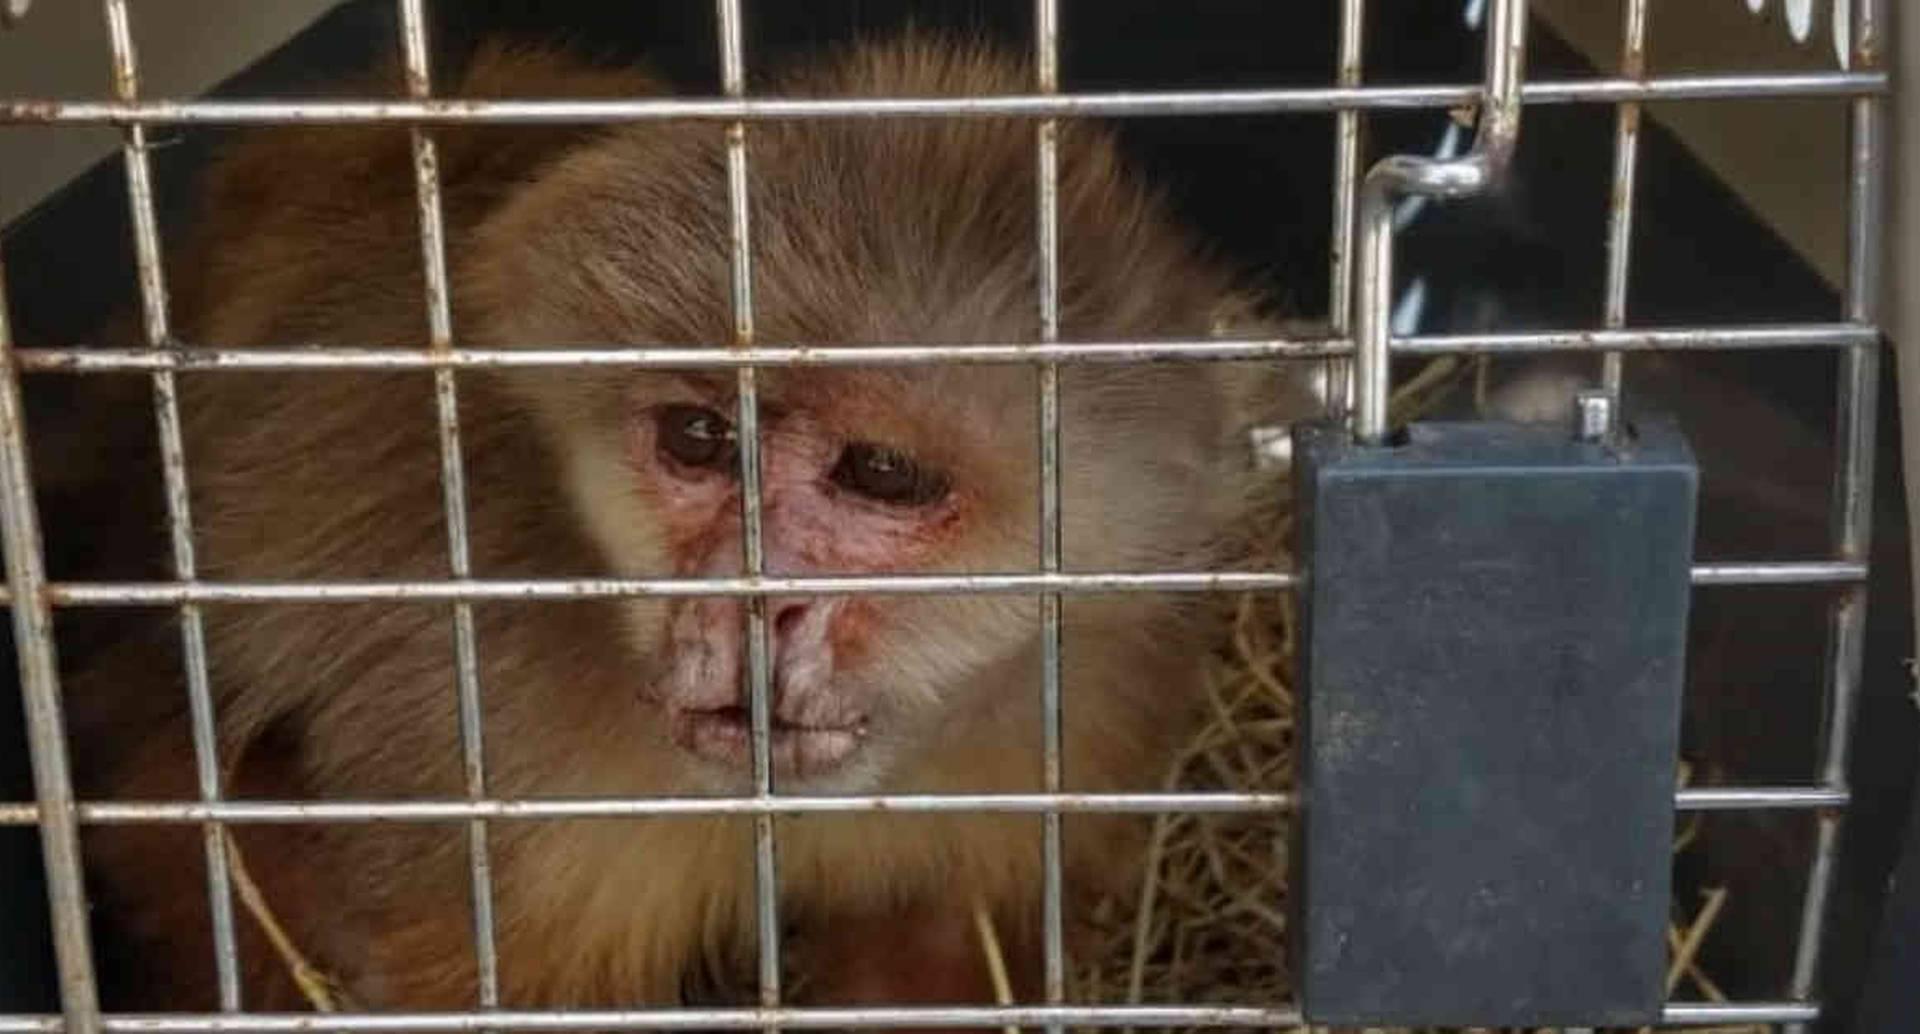 El mono cariblanco se encontraba bajo condiciones de tenencia no adecuadas y con características de maltrato. Foto: CAR Cundinamarca.